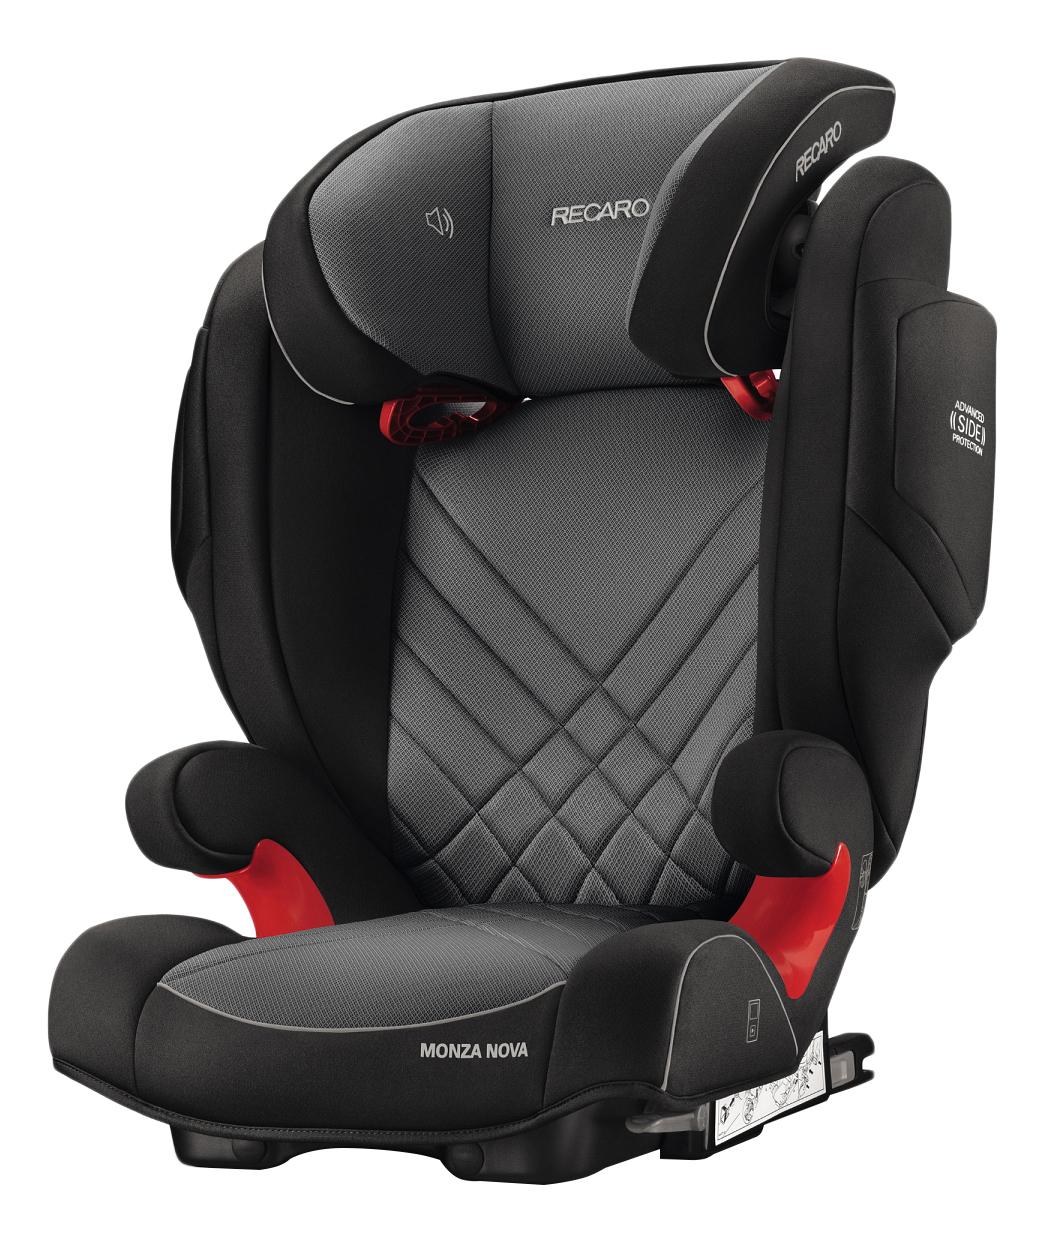 Купить Автокресло RECARO Monza Nova 2 Seatfix группа 2/3, Черный-Красный, Детские автокресла